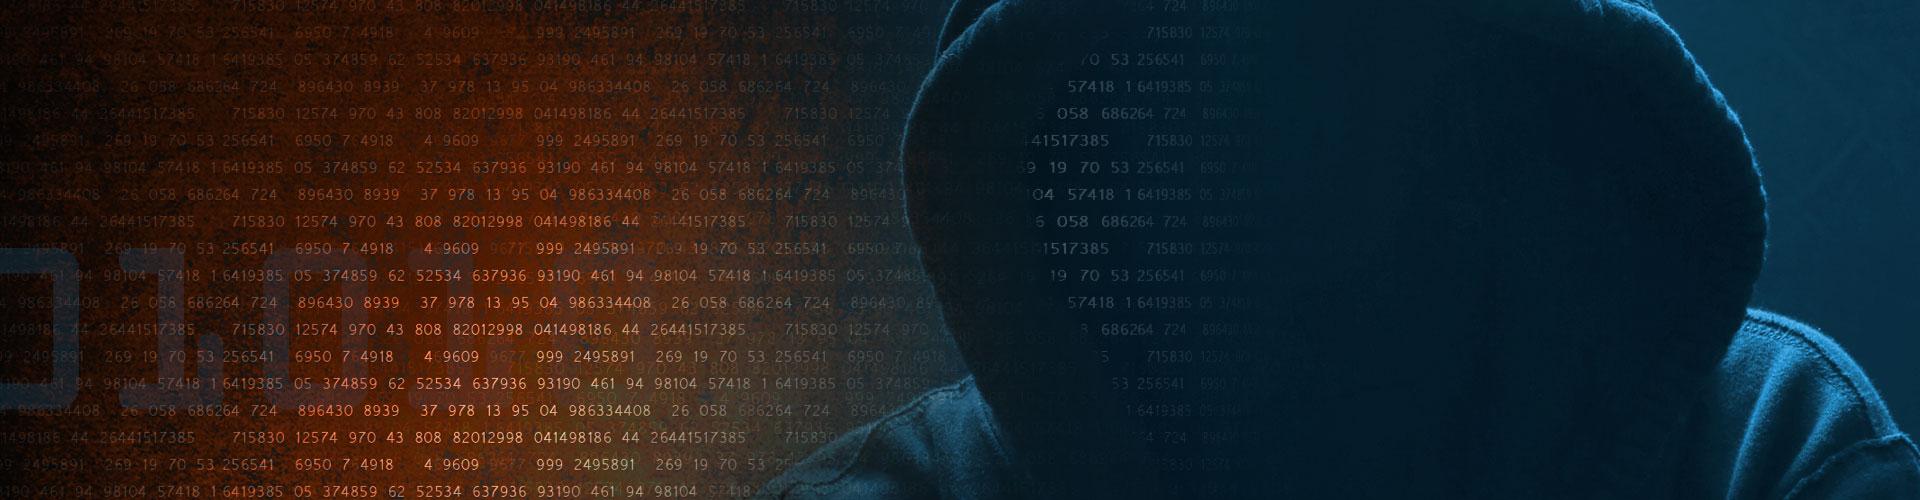 cyberheist-hoodie-slider.jpg